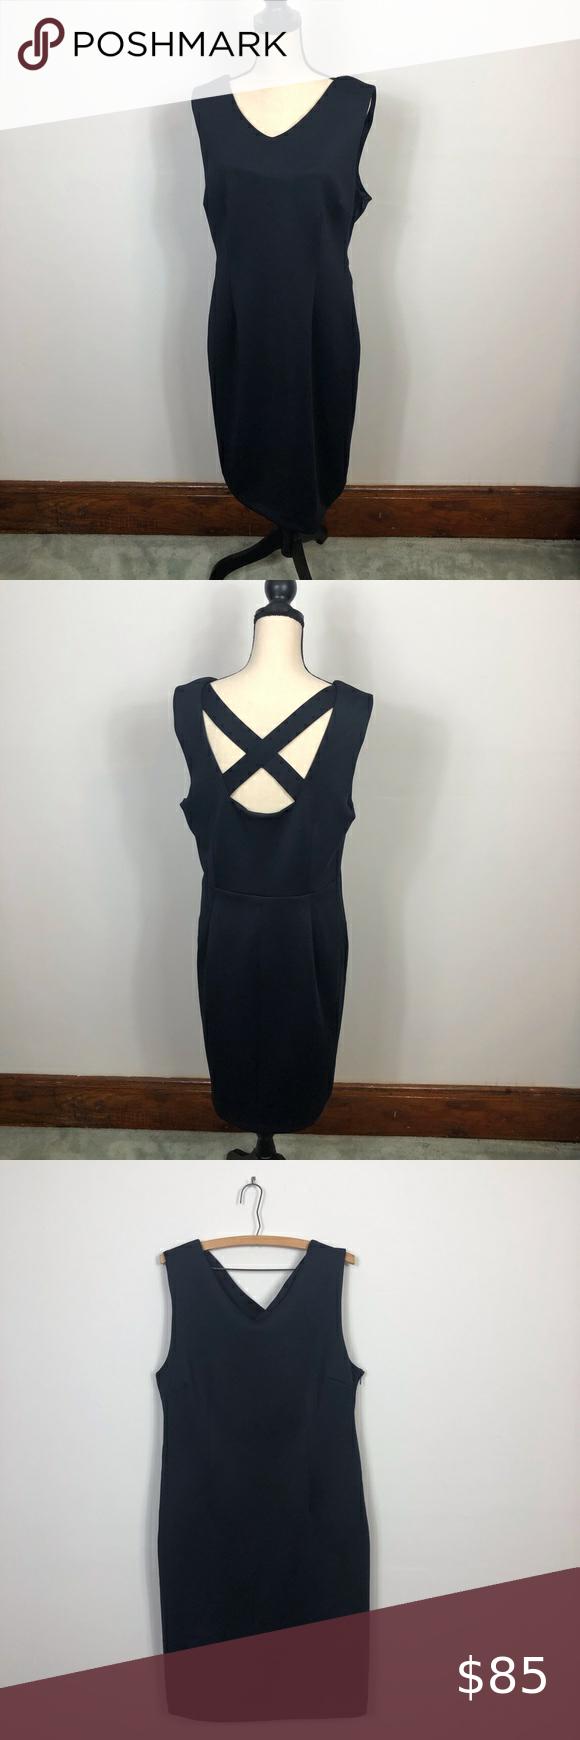 T Tahari Dark Blue Sleeveless Dress Size 14 Blue Sleeveless Dress Clothes Design Size 14 Dresses [ 1740 x 580 Pixel ]